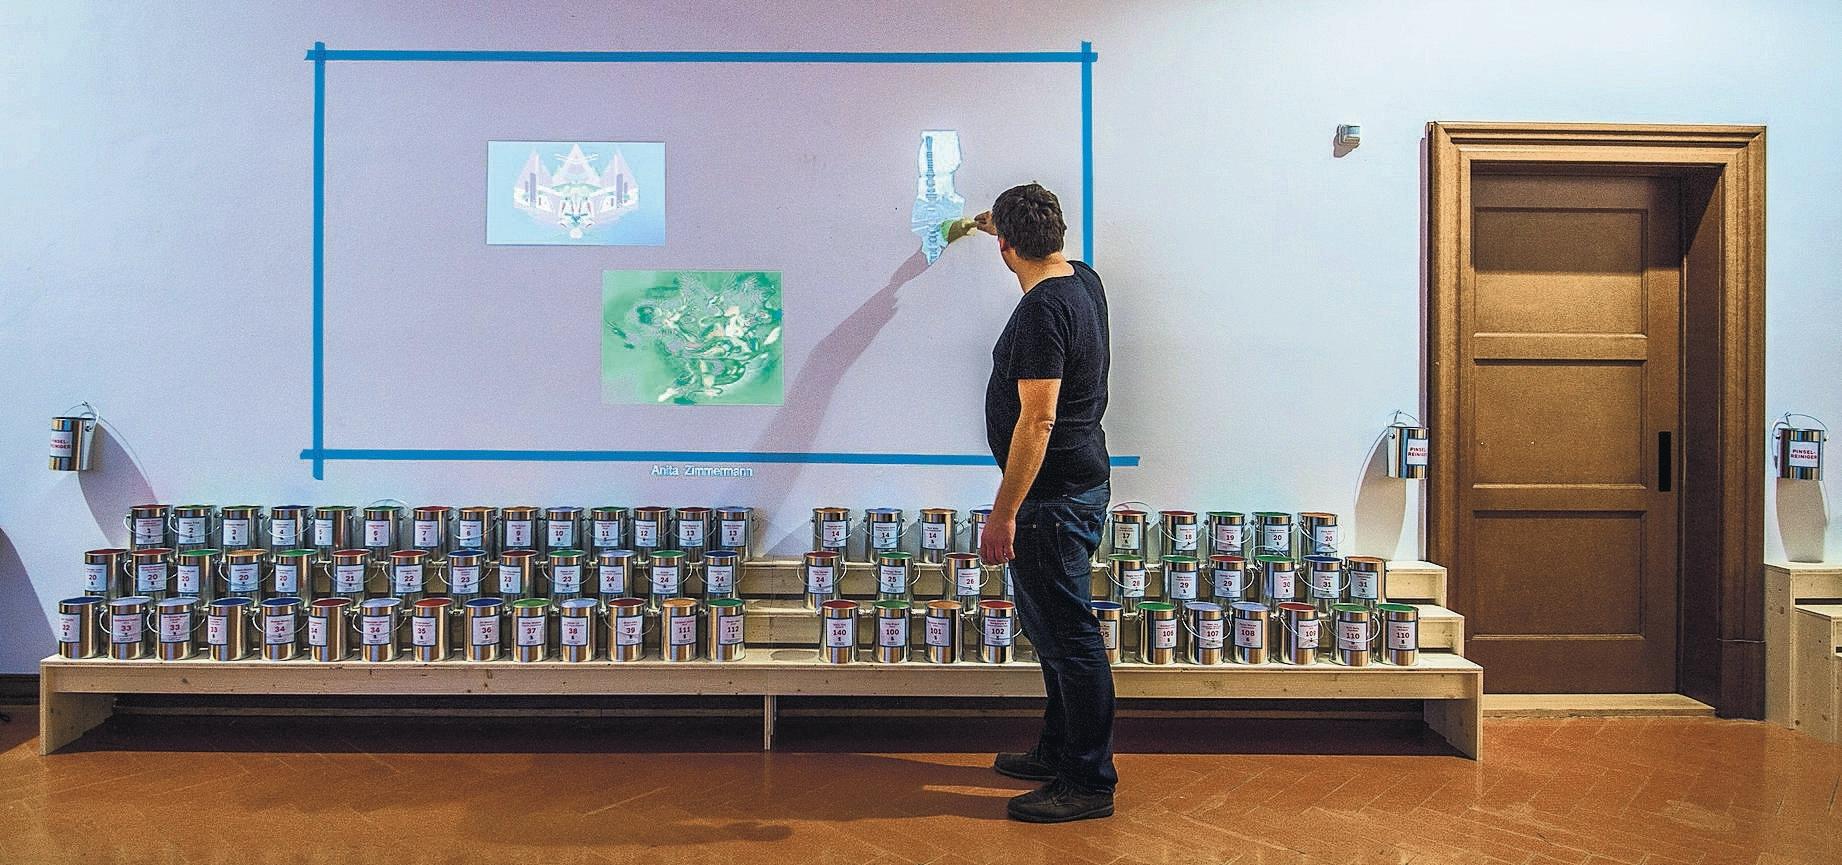 Eröffnung der Veranstaltung Fünfstern - offene Ateliers in der Ostschweiz. Bild von der Ausstellungssituation im Kickoff-Raum Galerie der Migros Klubschule